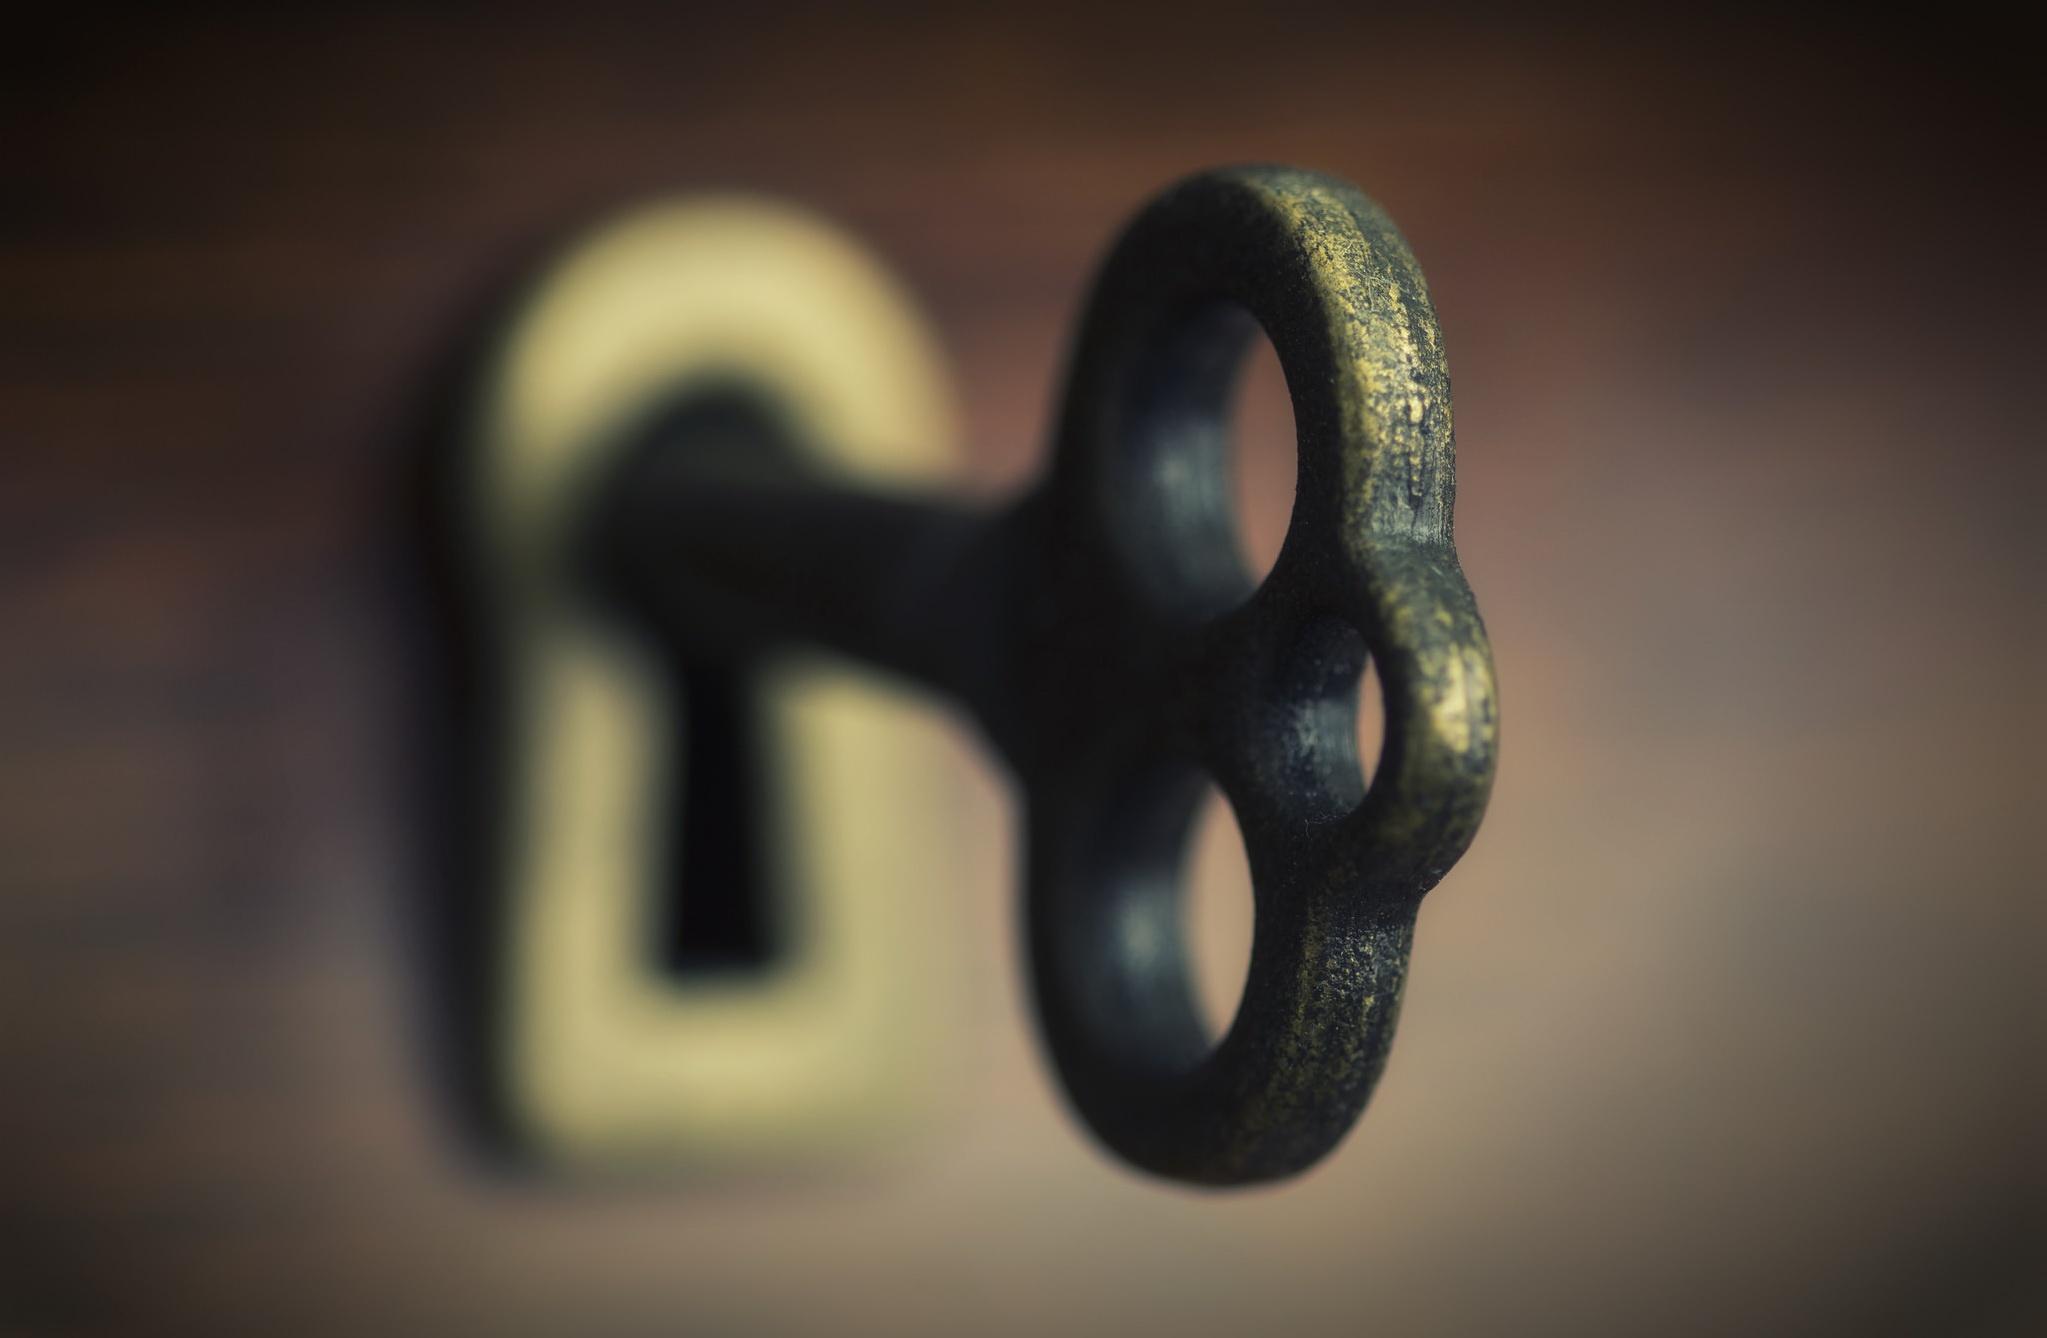 ,微距攝影,特寫,鑰匙,,